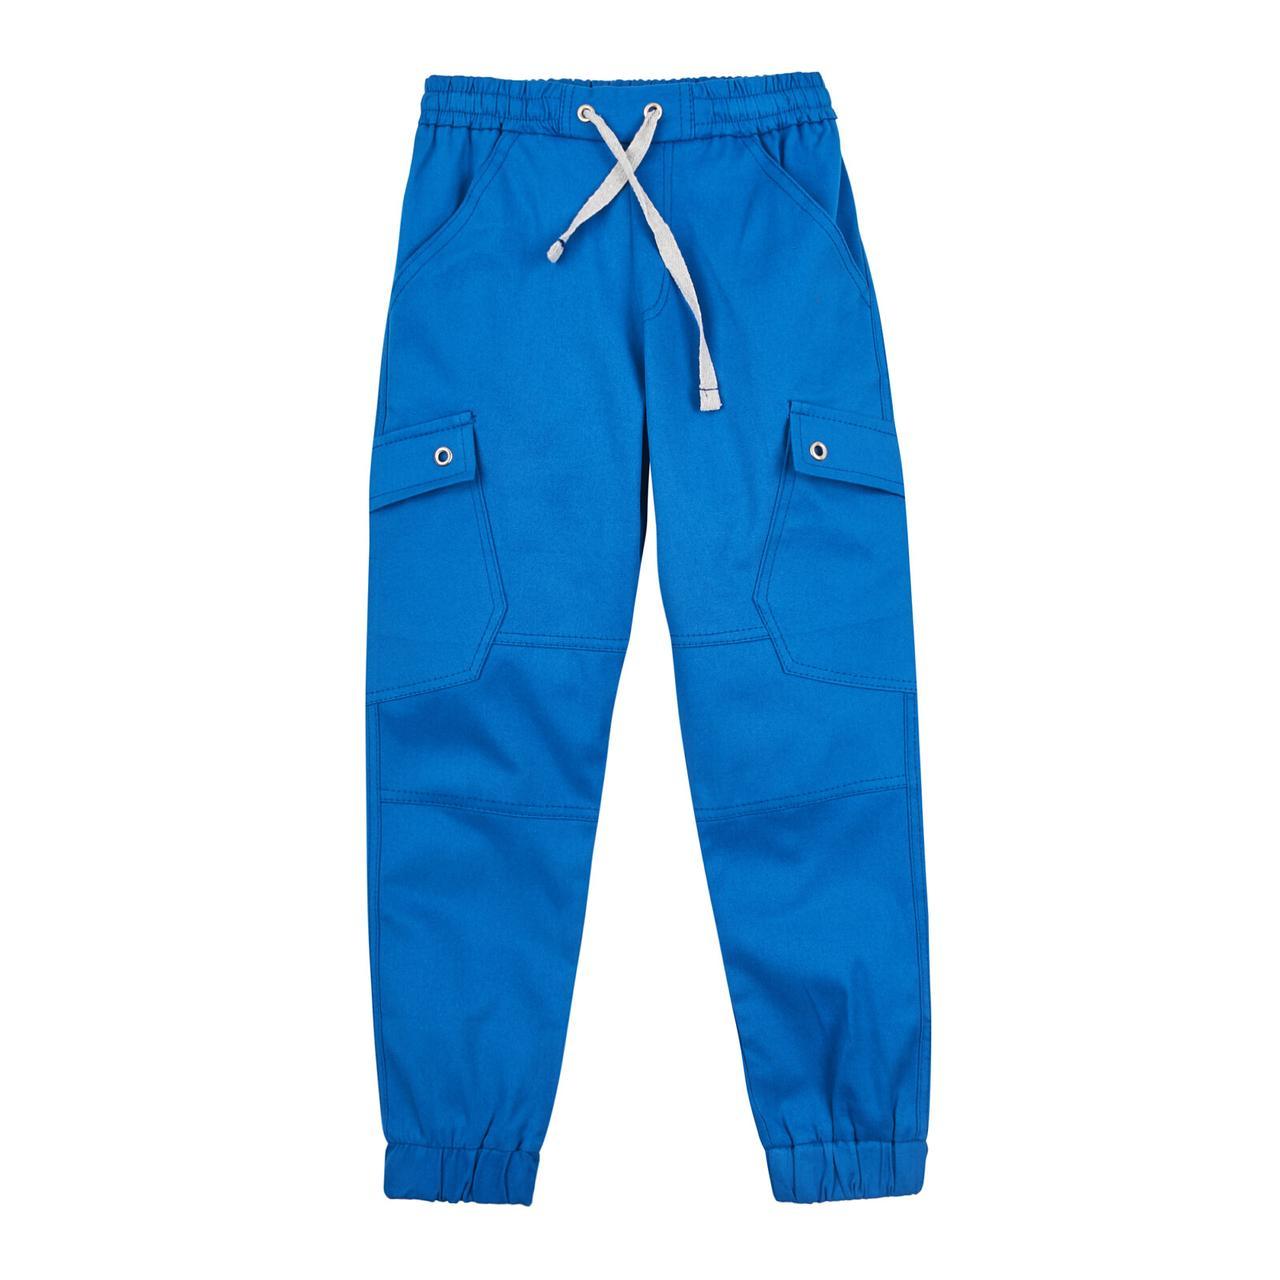 Брюки джоггеры для мальчика на резинке синие